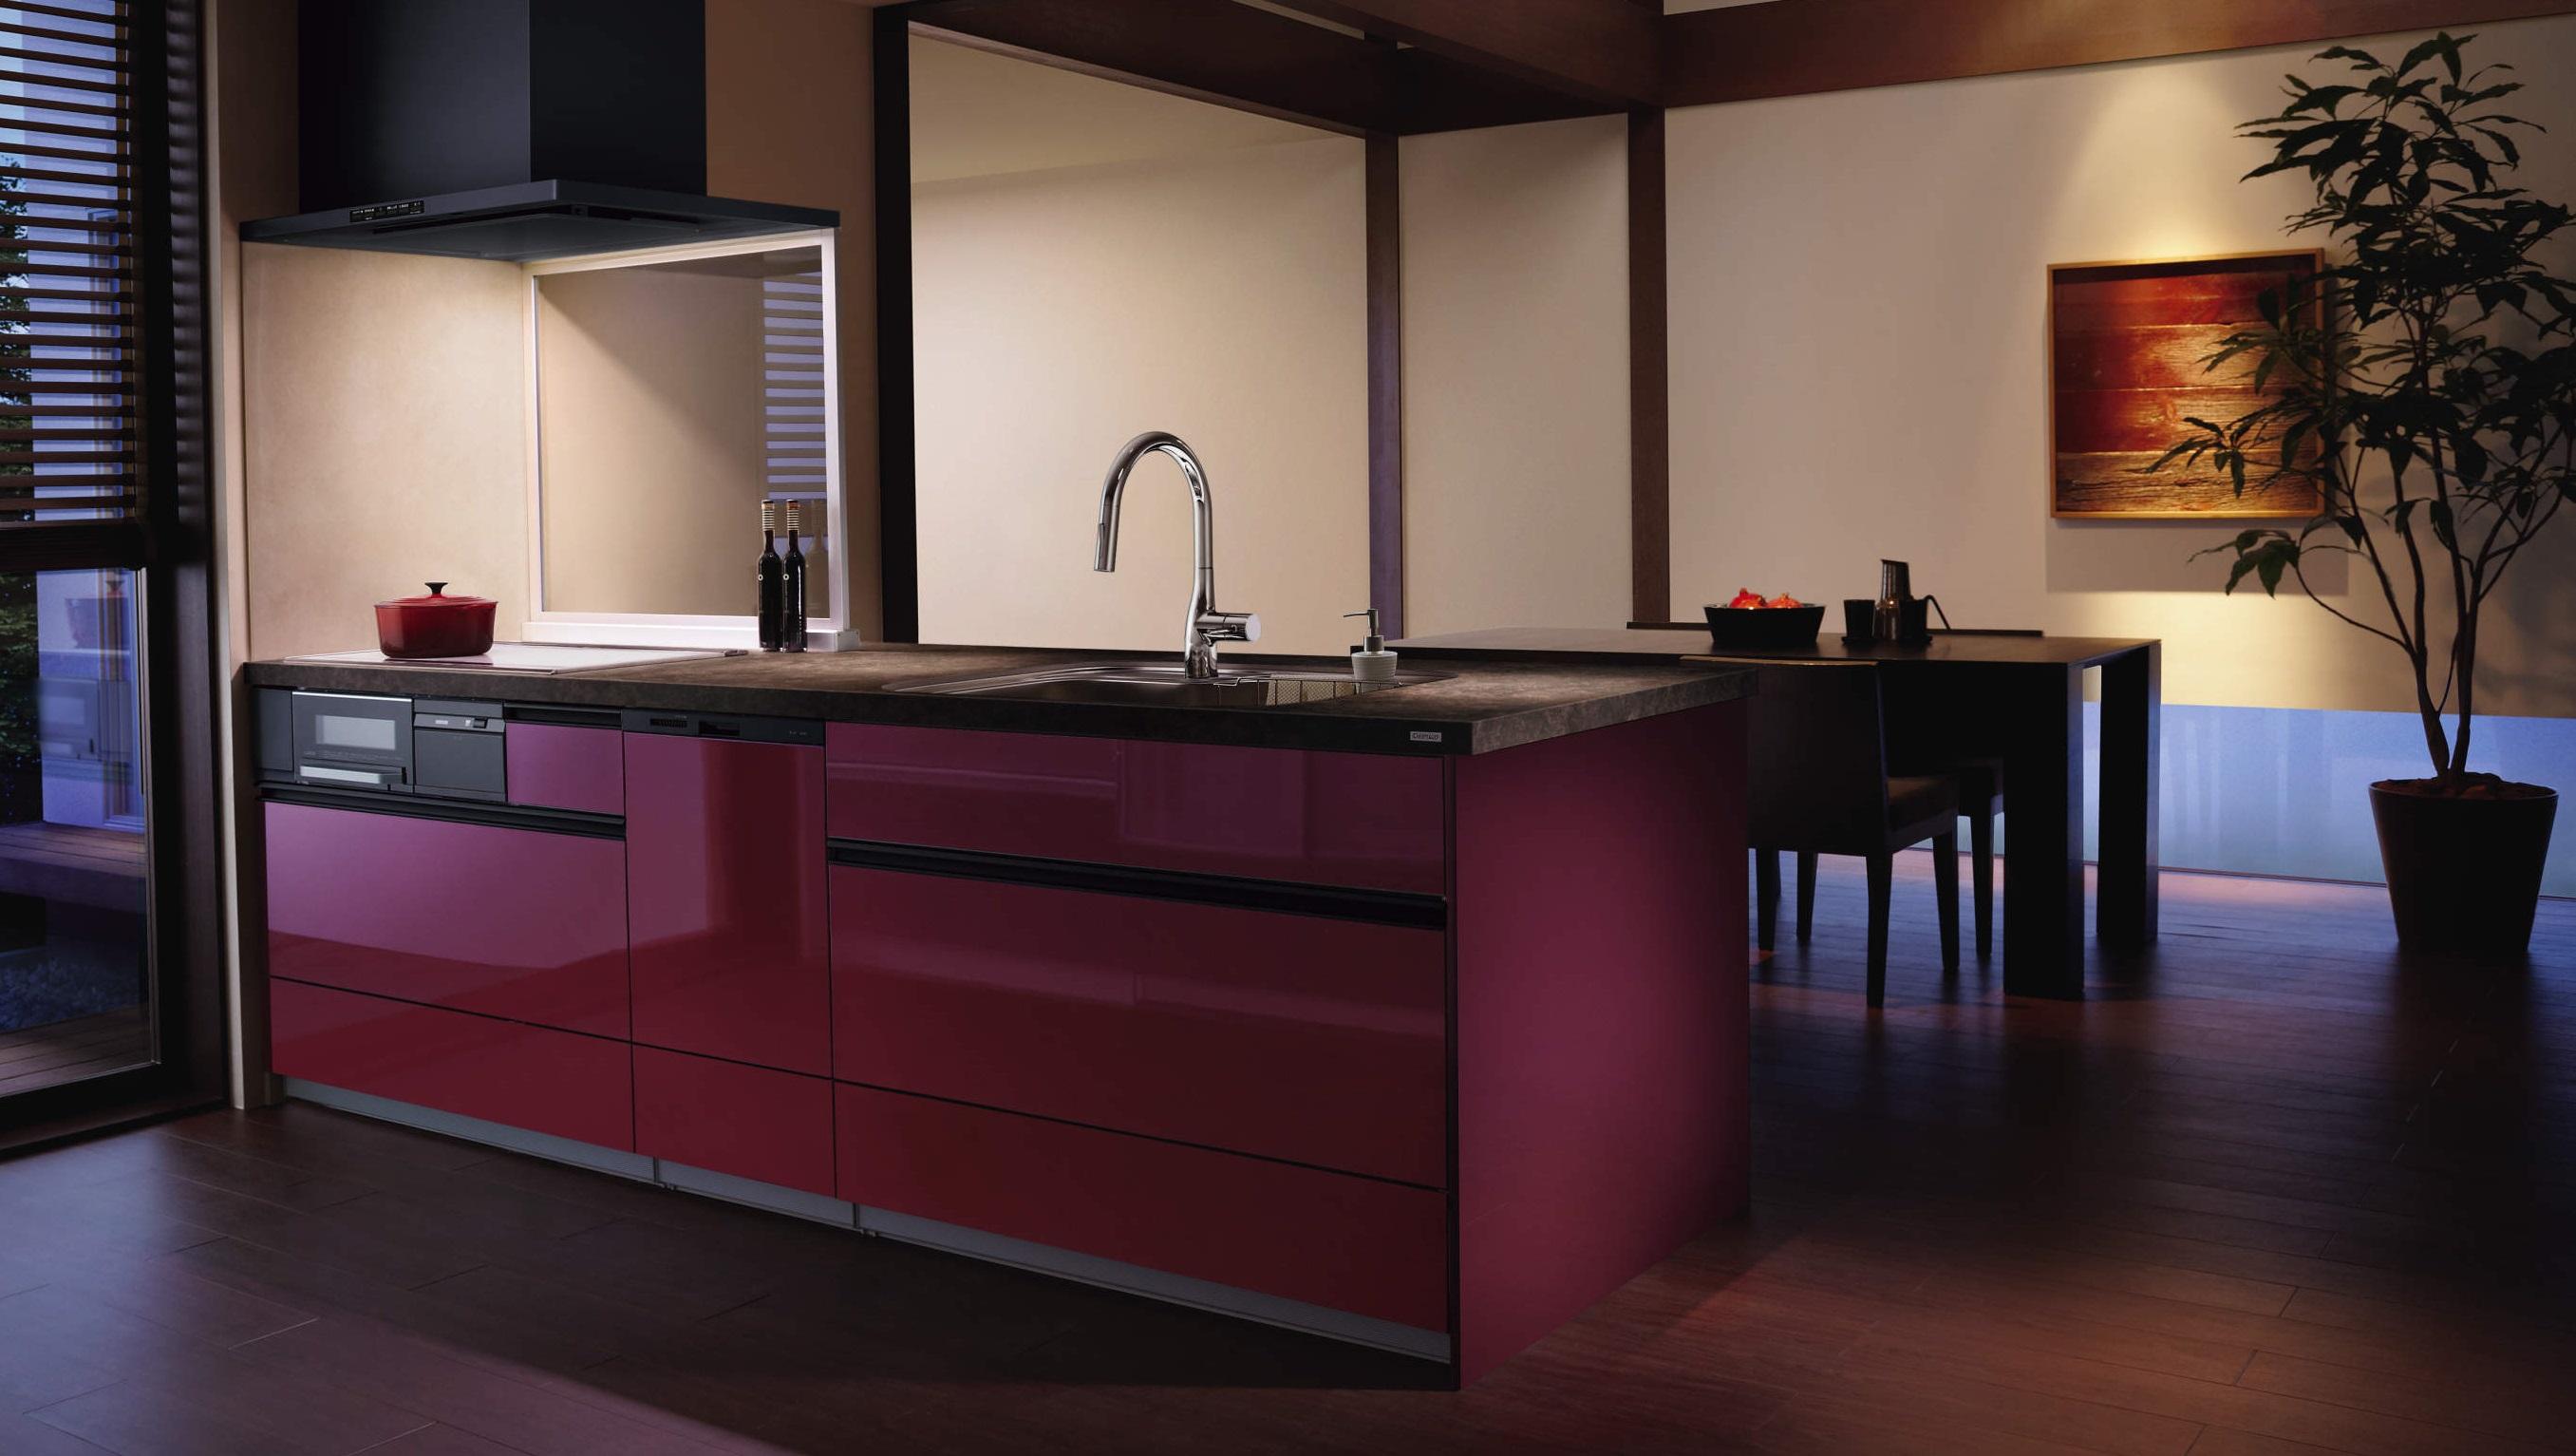 和のテイストに存在感のあるレッド色のキッチン サムネイル画像